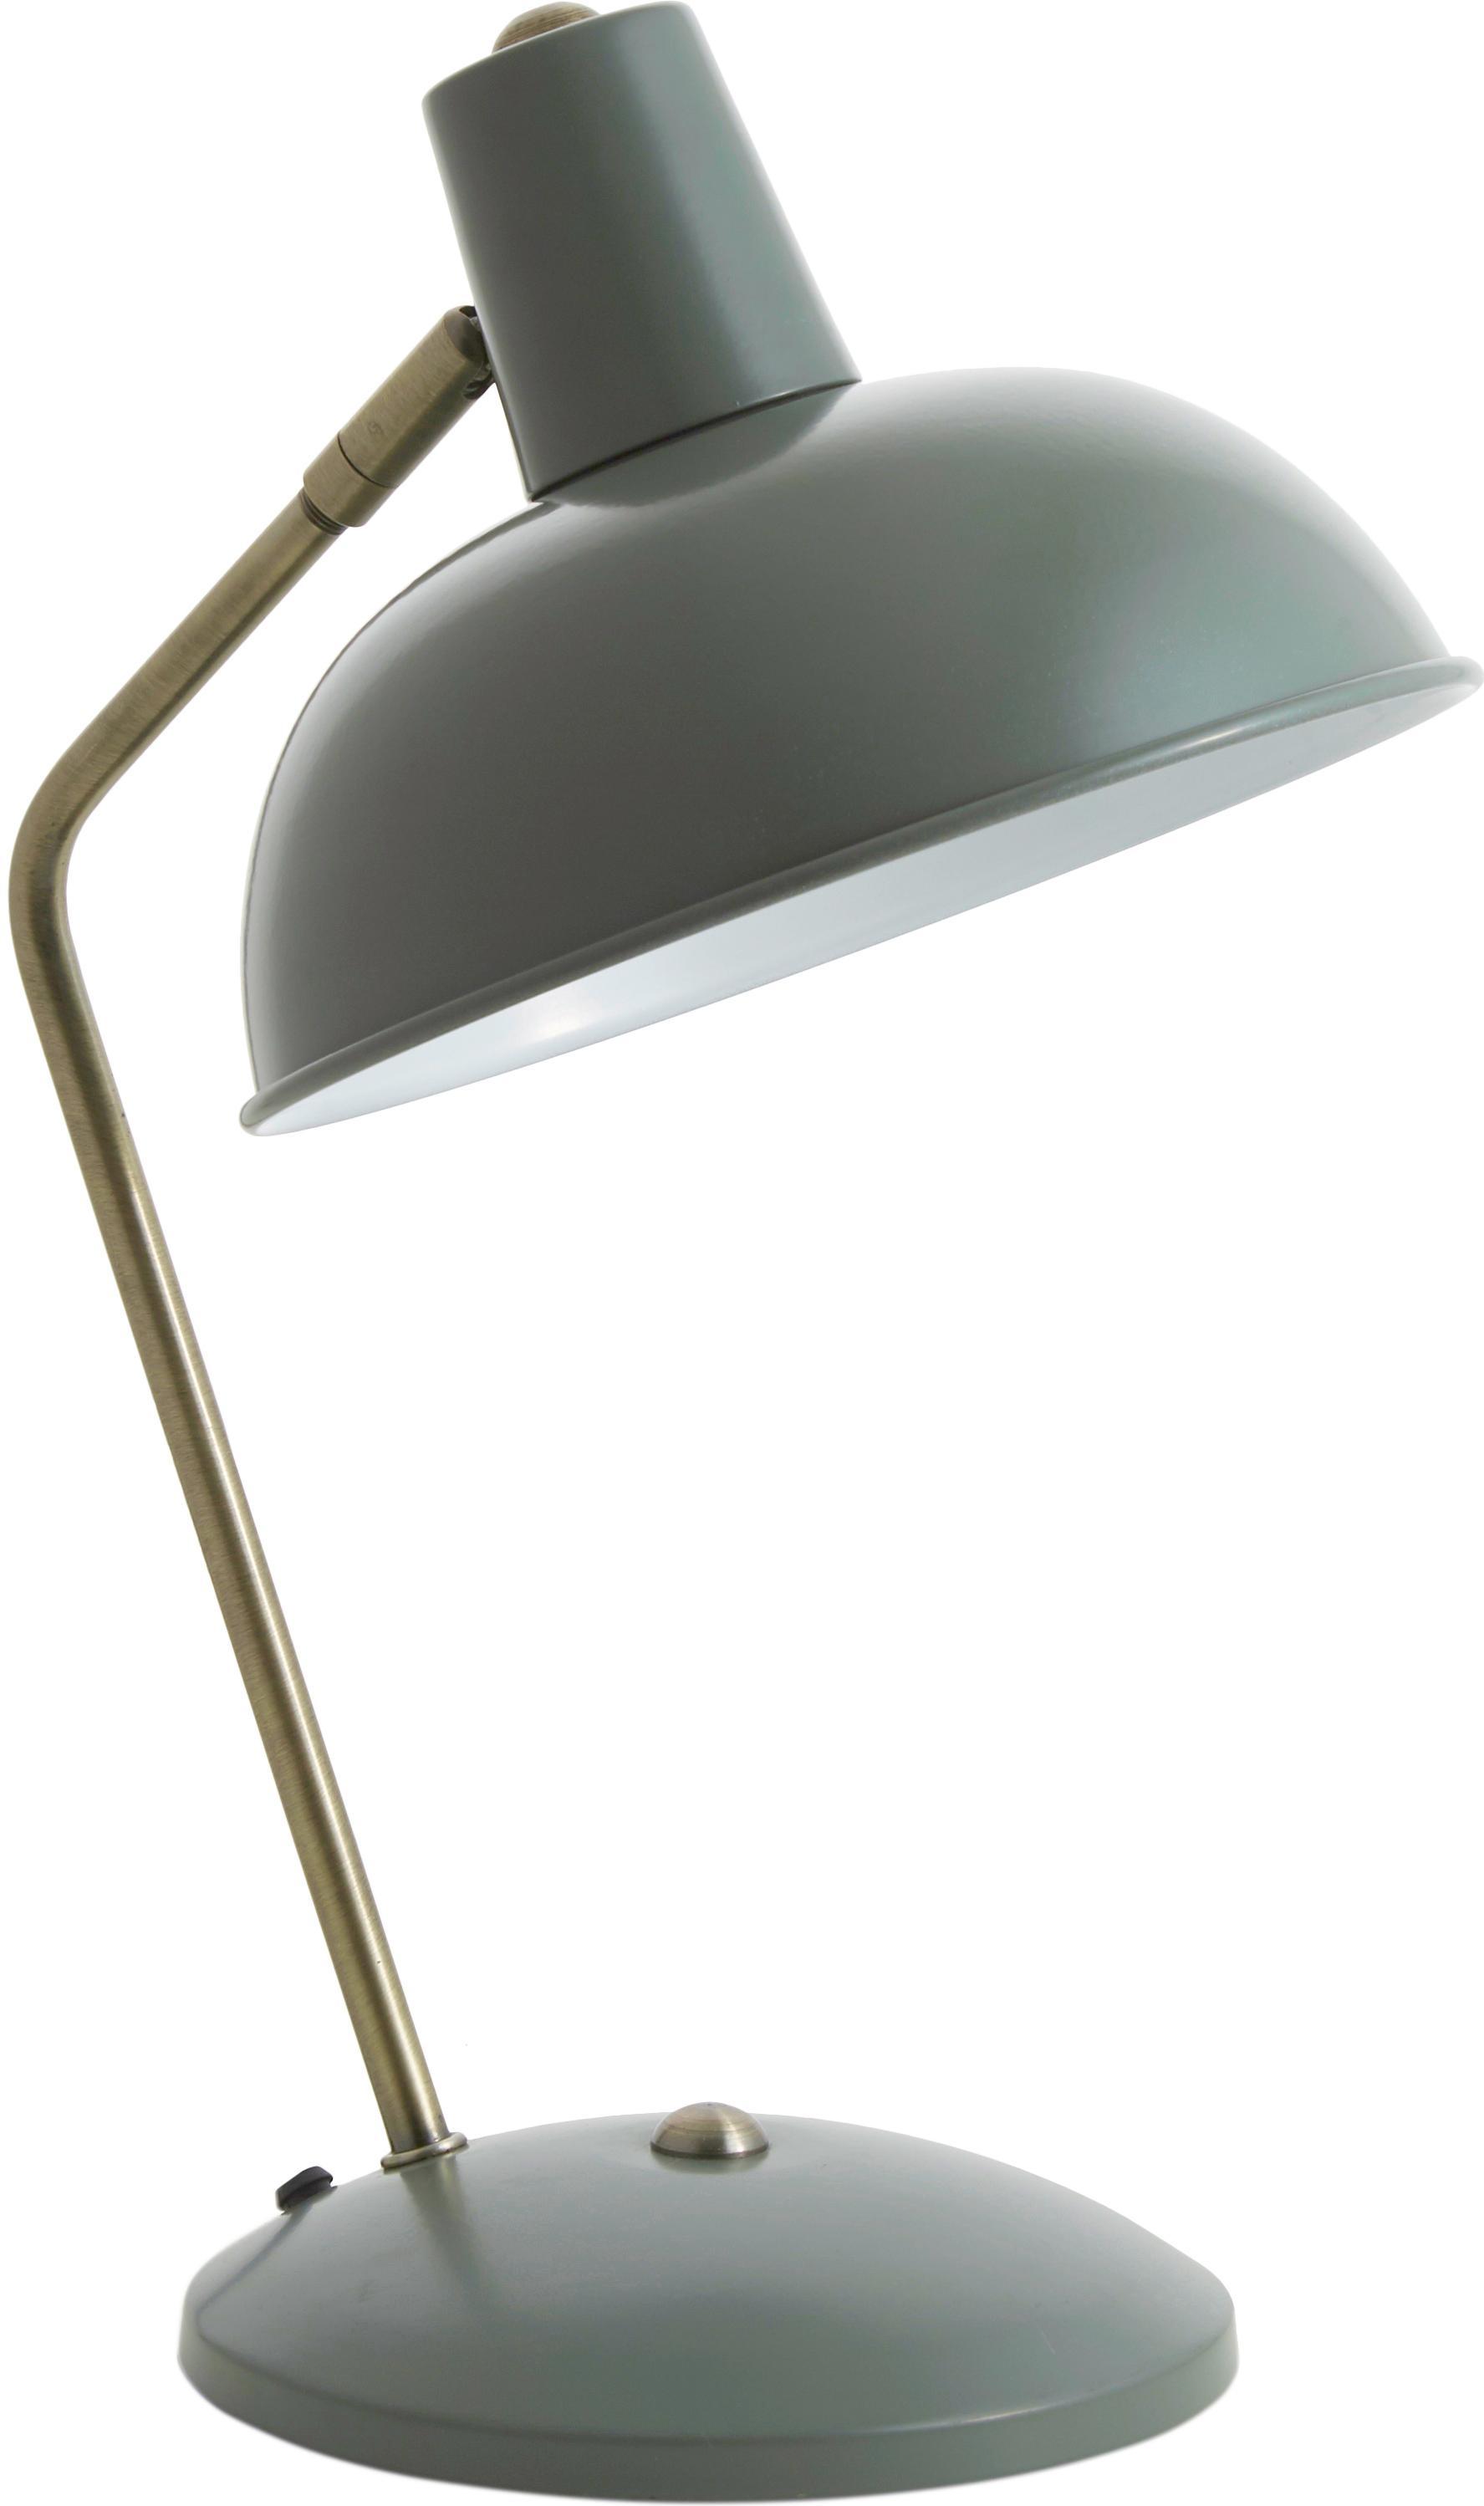 Lampa stołowa Hood, Lampa: zielony, złoty<br>Klosz wewnątrz: biały, 20 x 38 cm